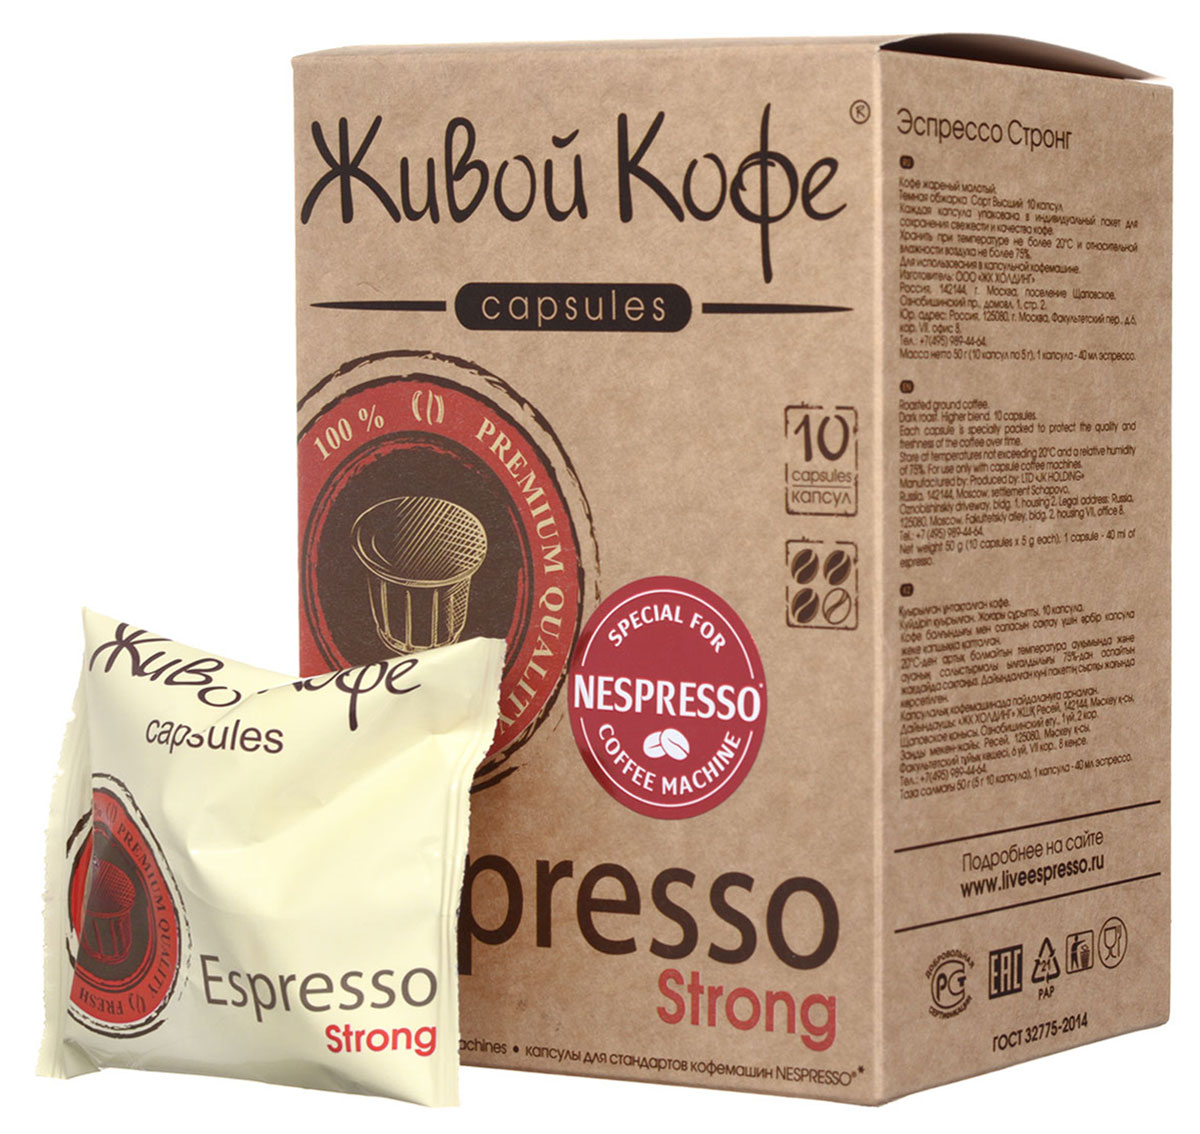 Живой Кофе Espresso Strong кофе в капсулах (индивидуальная упаковка), 10 шт tassimo jacobs espresso classico кофе в капсулах 16 шт